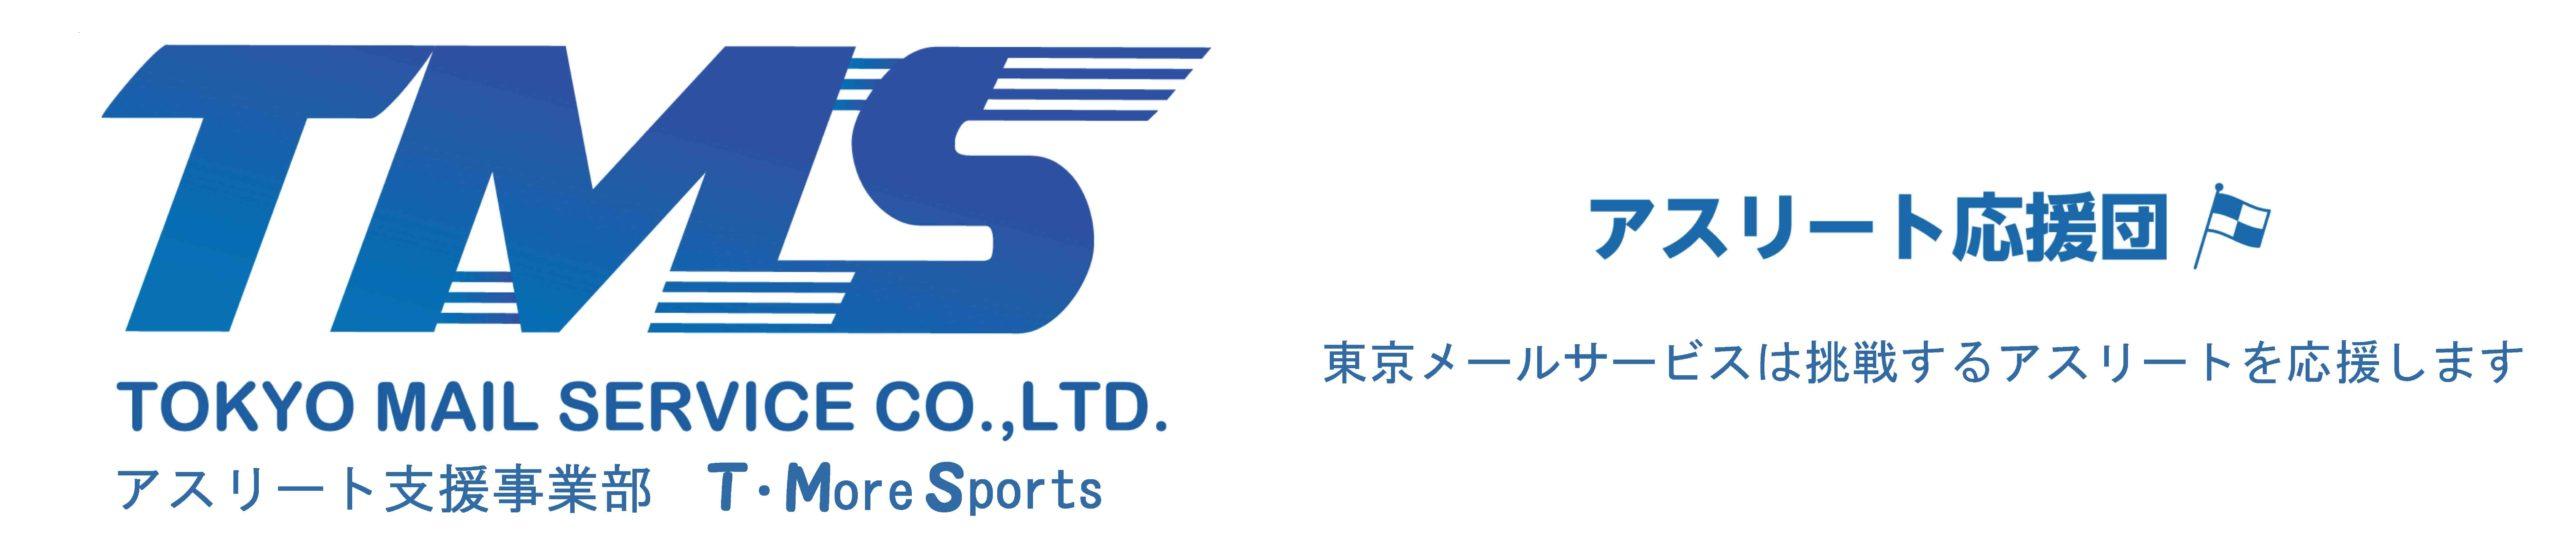 東京メールサービス株式会社アスリート支援事業部